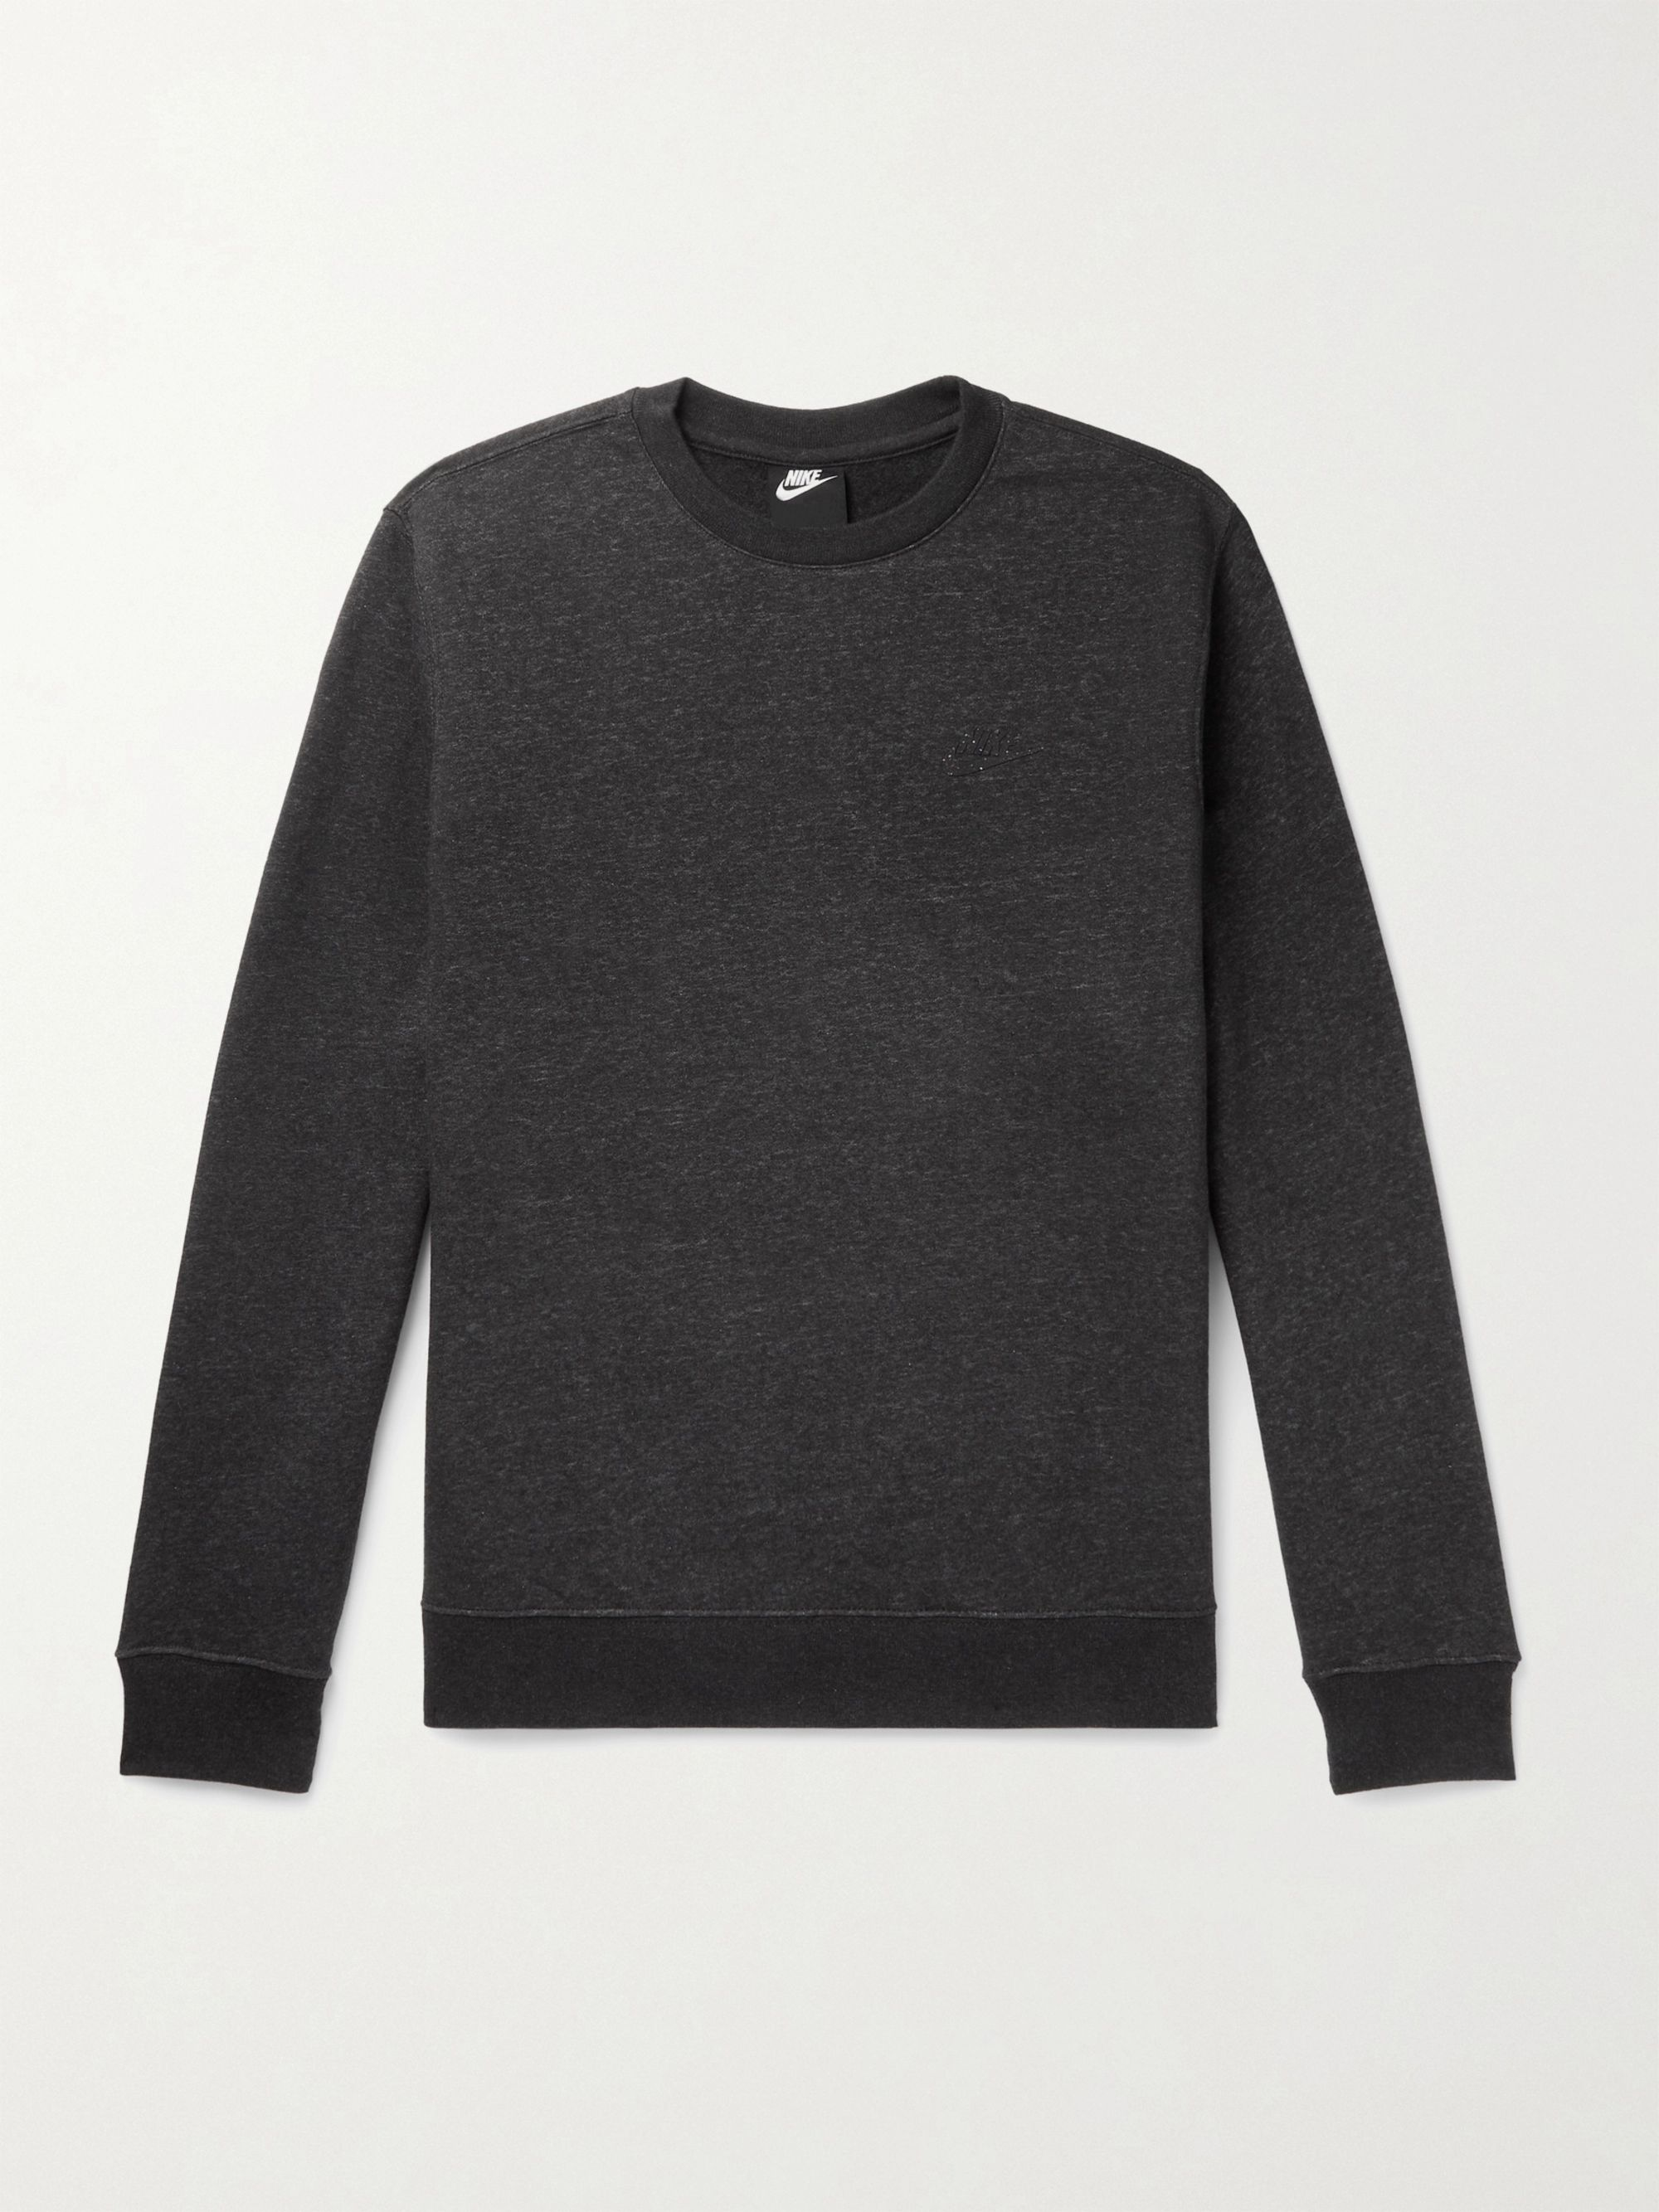 NIKE Logo-Detailed Cotton-Blend Jersey Sweatshirt